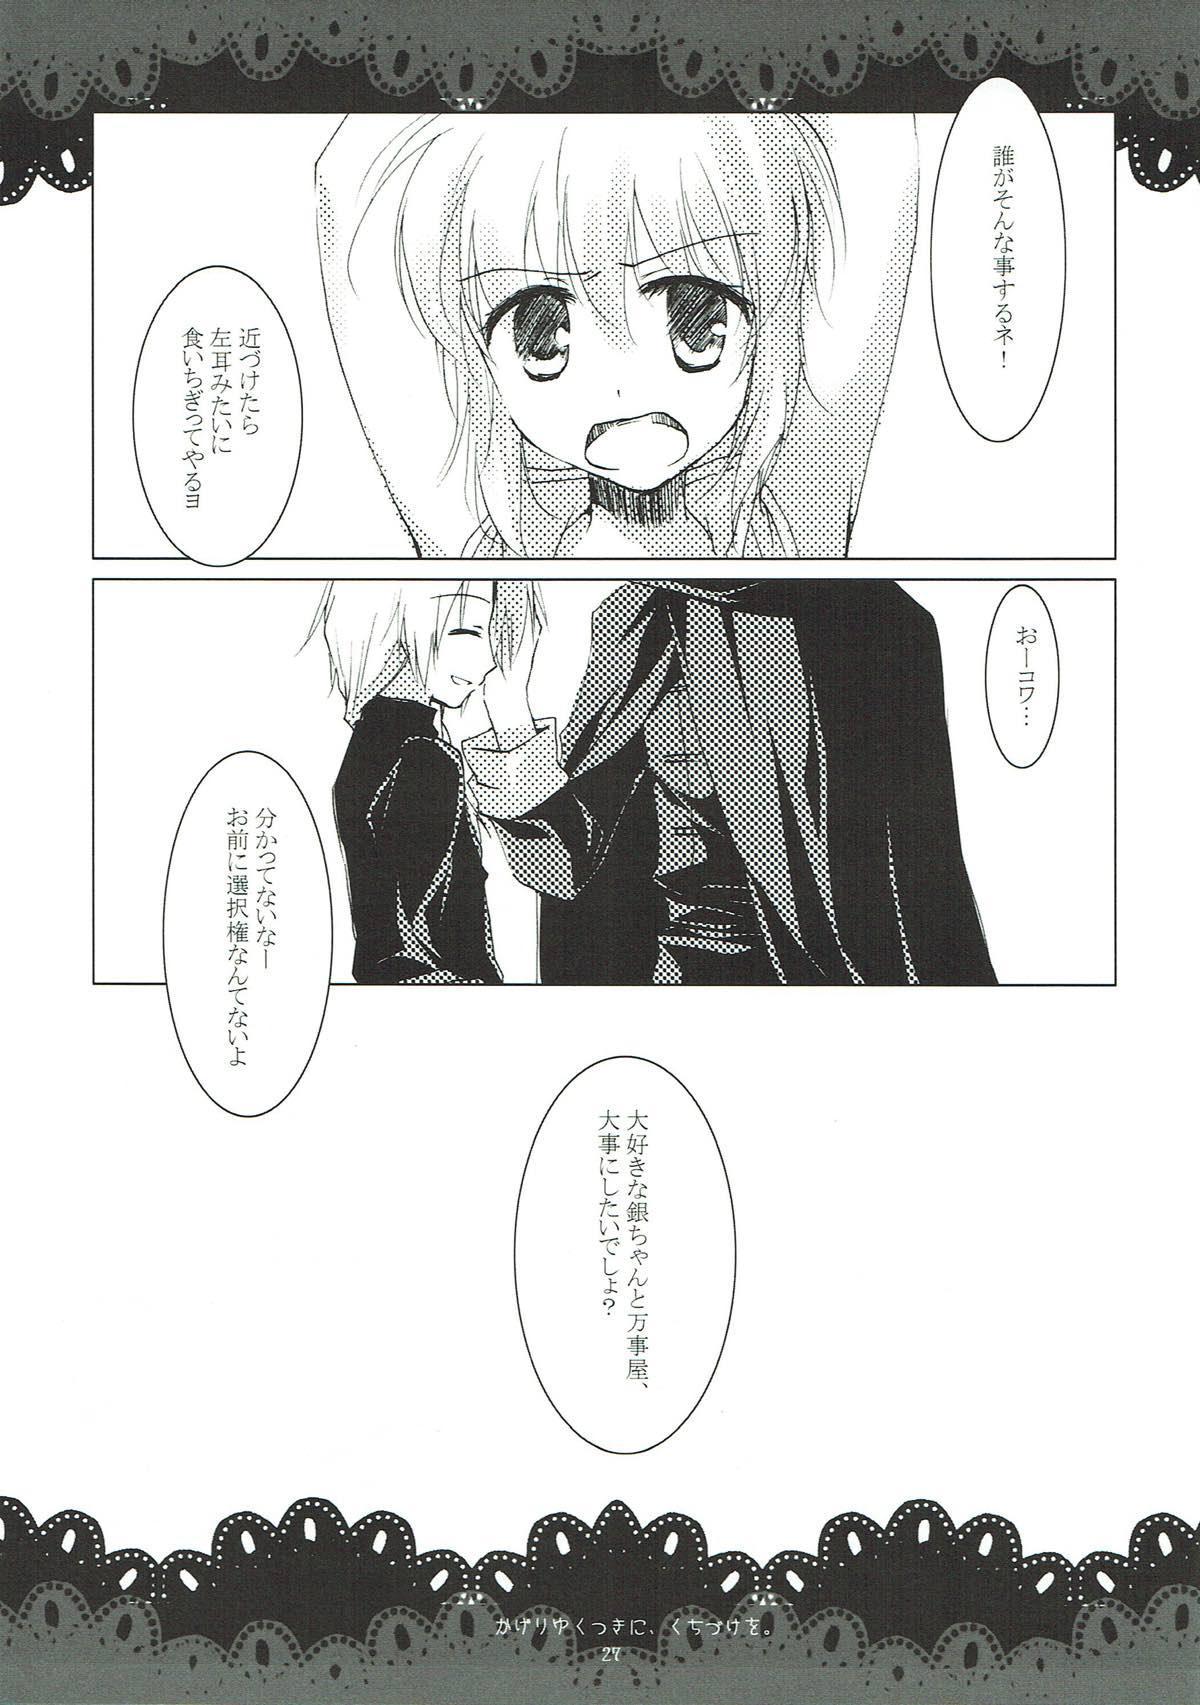 Kageriyuku Tsuki ni, Kuchizuke o. 24